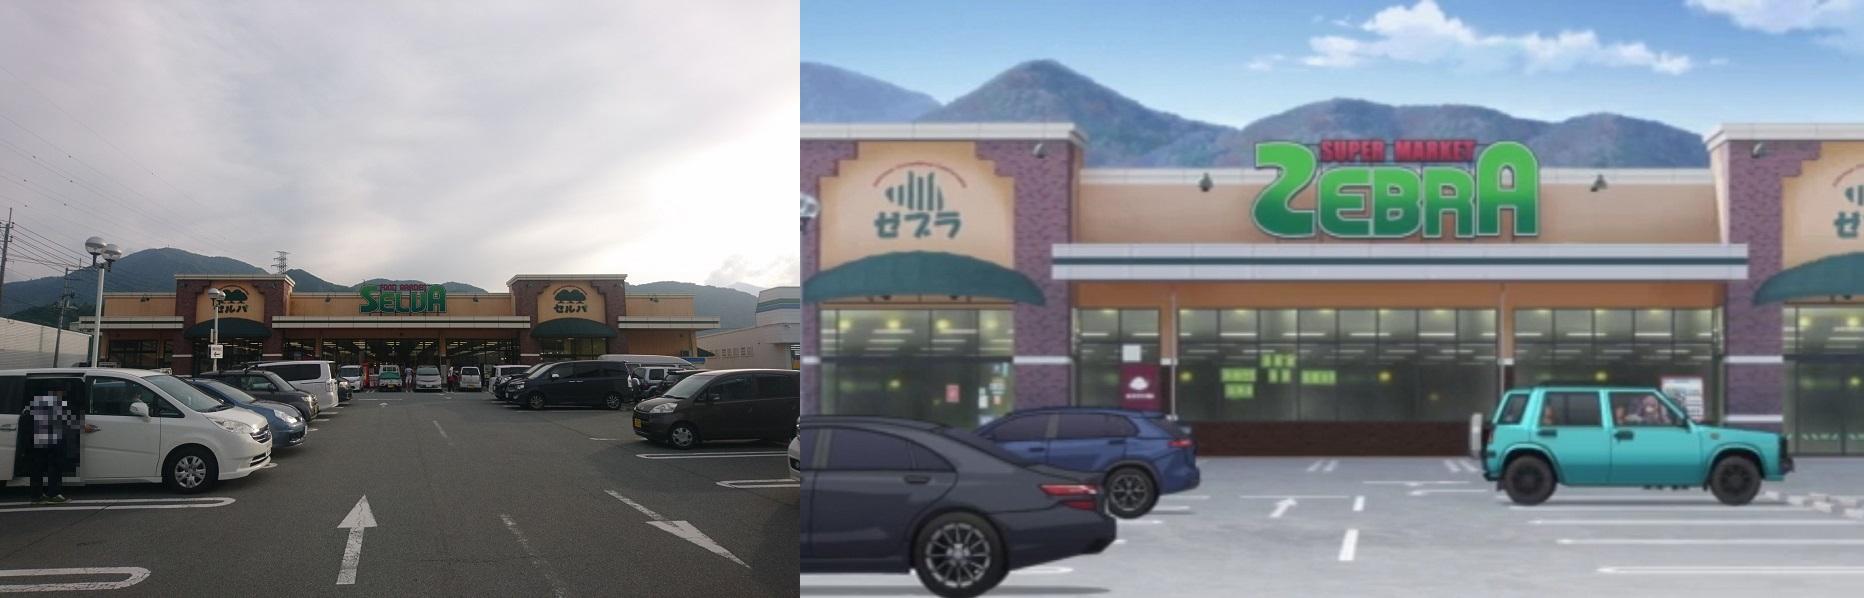 アニメ内に登場したセルバみのぶ店とZEBRAみのぶ店の比較